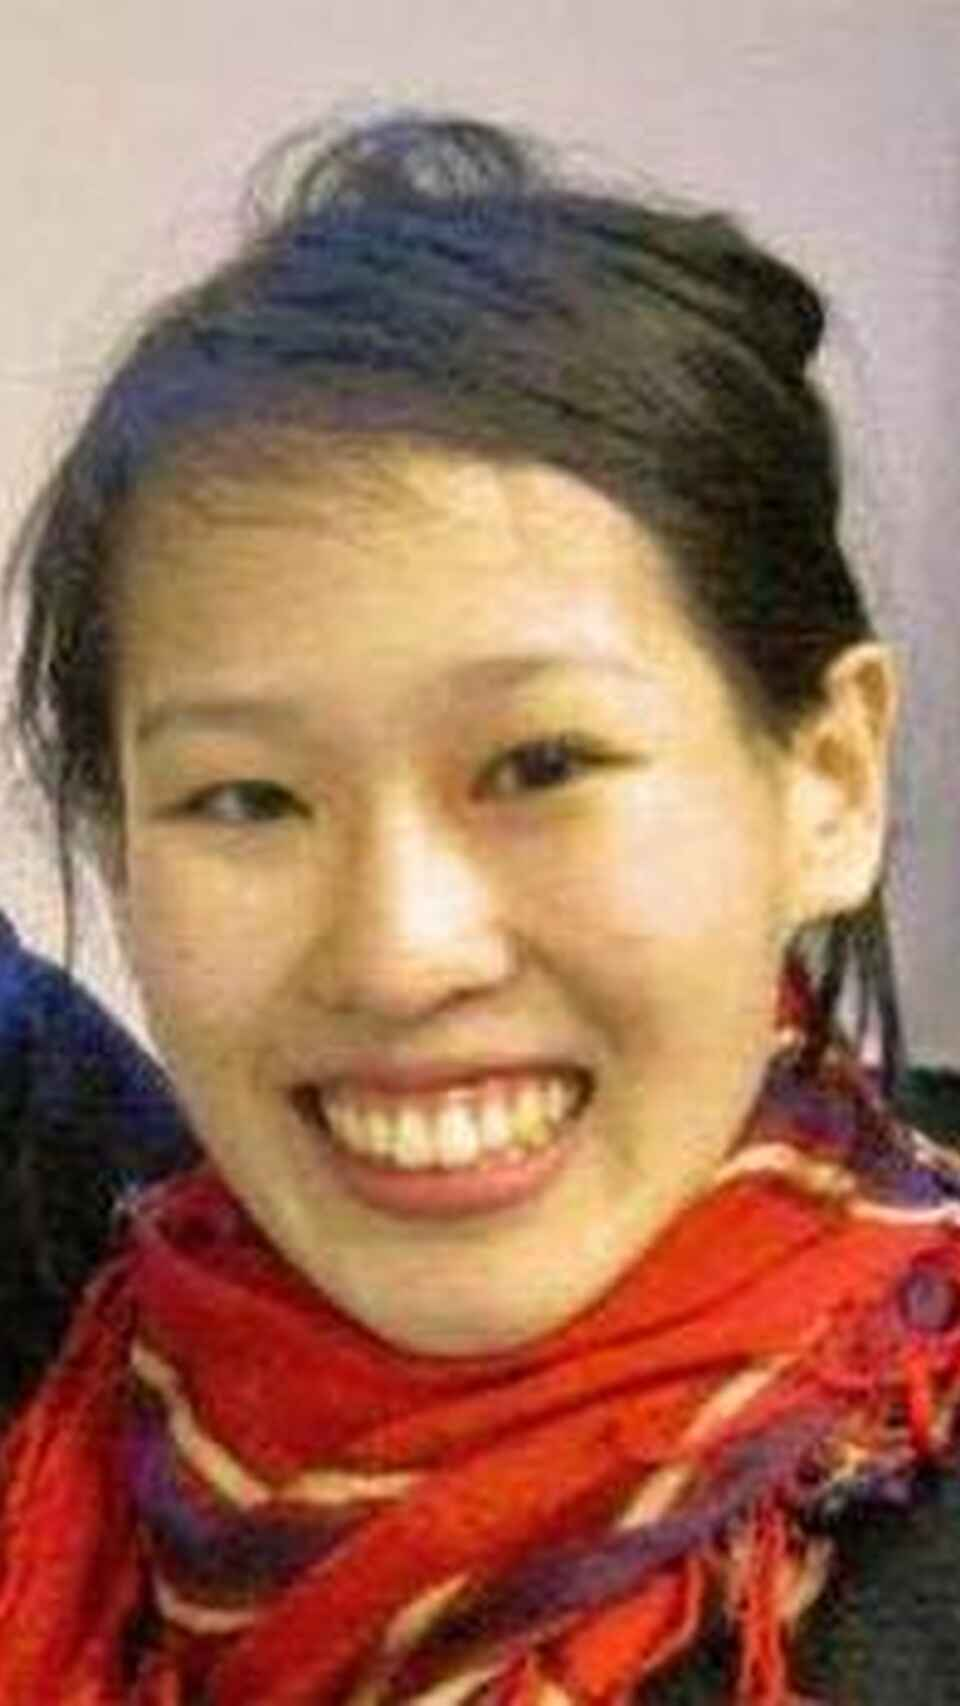 El misterioso homicidio de Elisa Lam